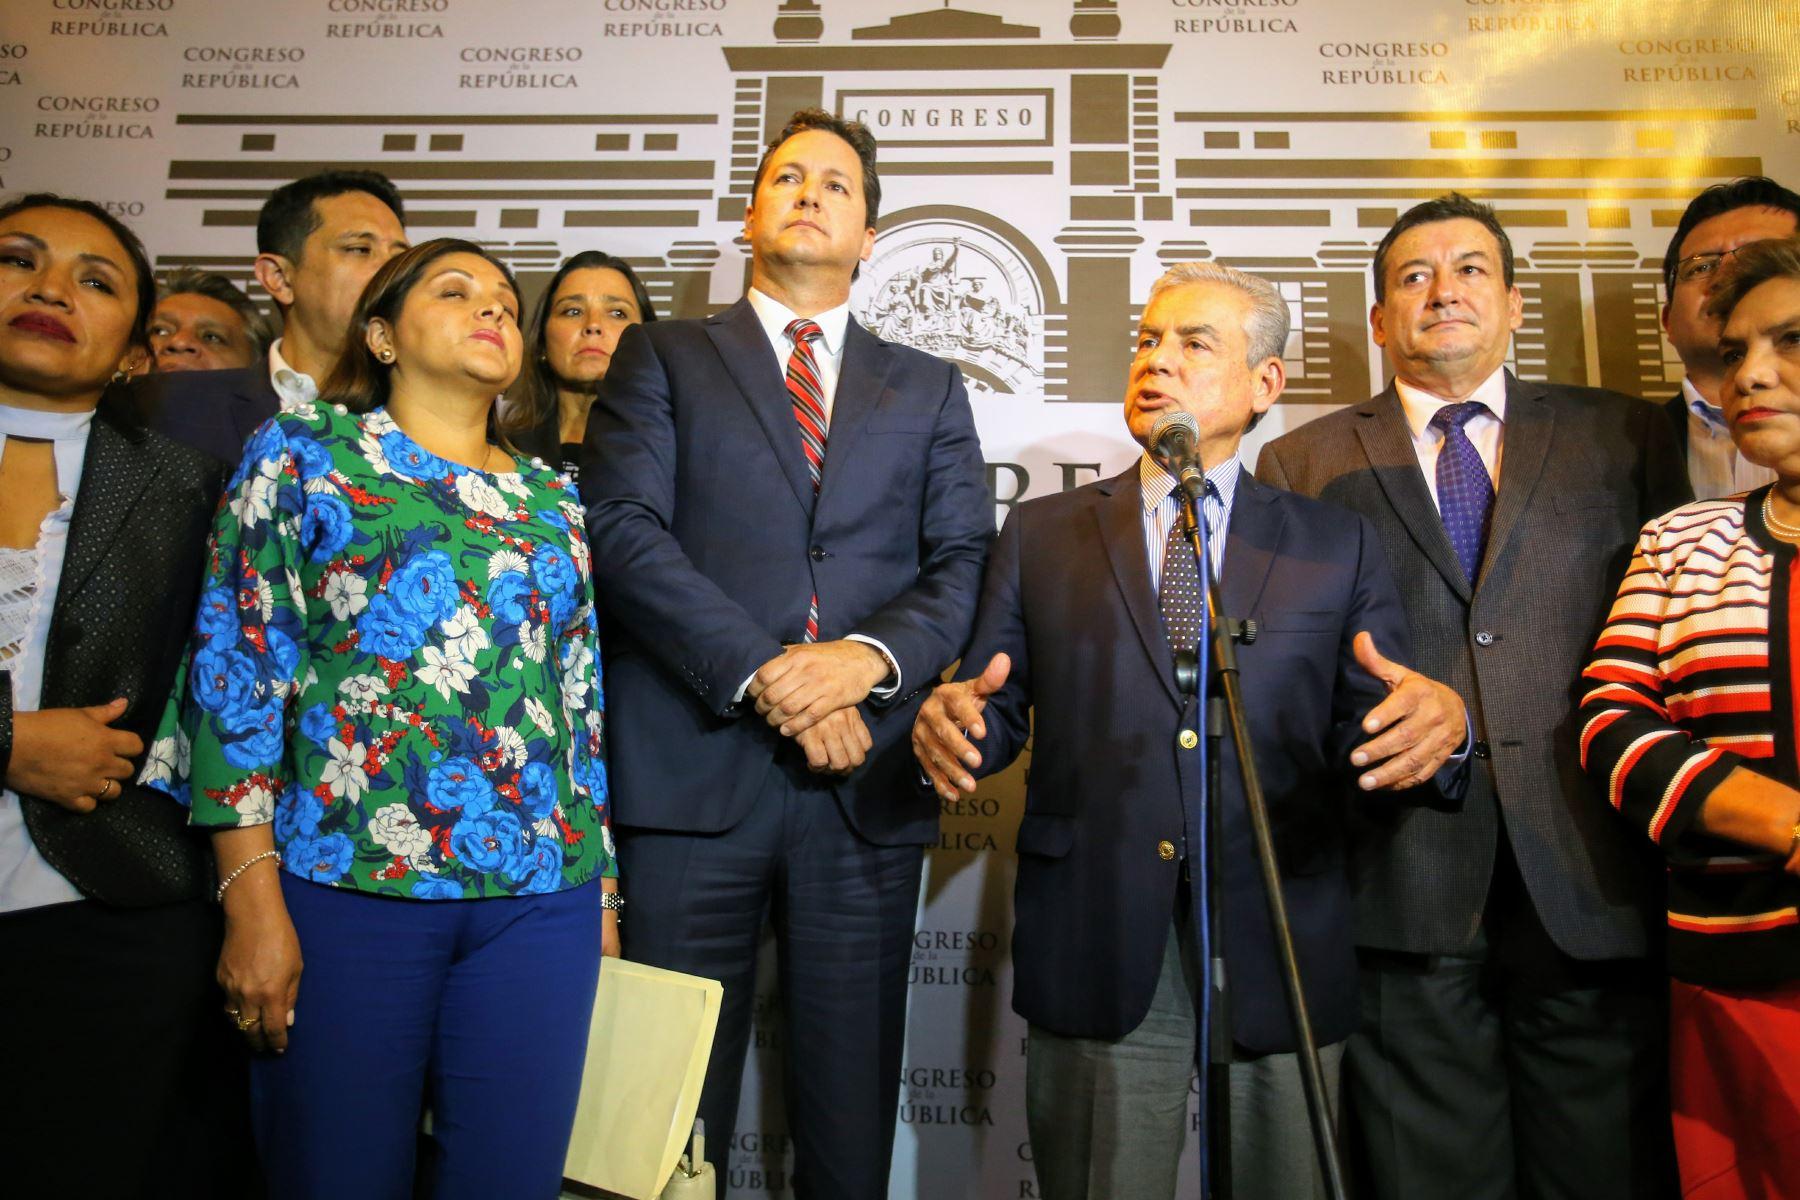 La reunión política duró casi tres horas en el segundo piso del Congreso. Foto: ANDINA/Luis Iparraguirre